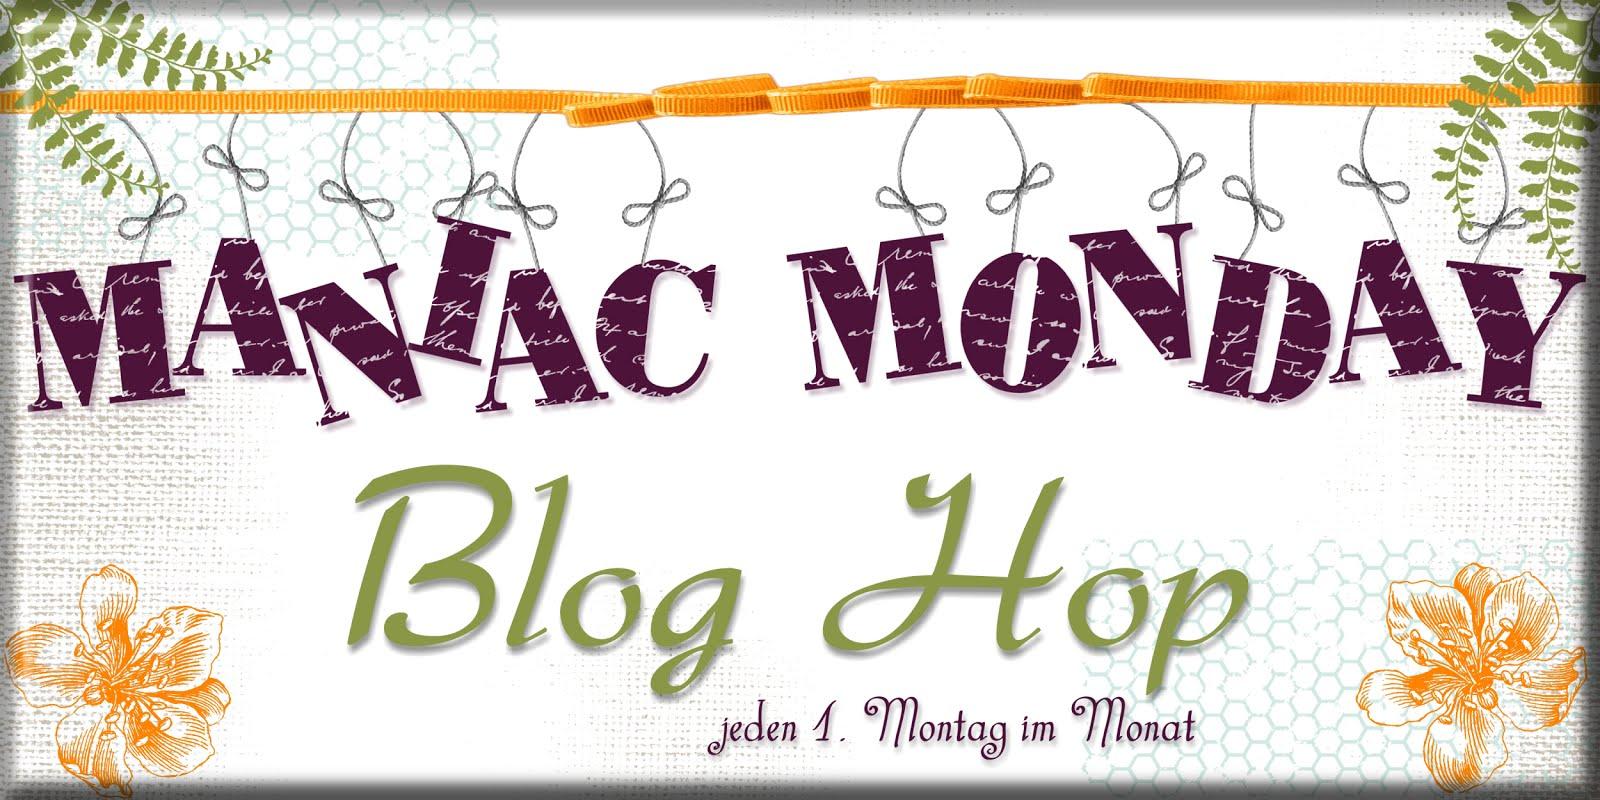 Neuer Bloghop an jedem 1. Montag